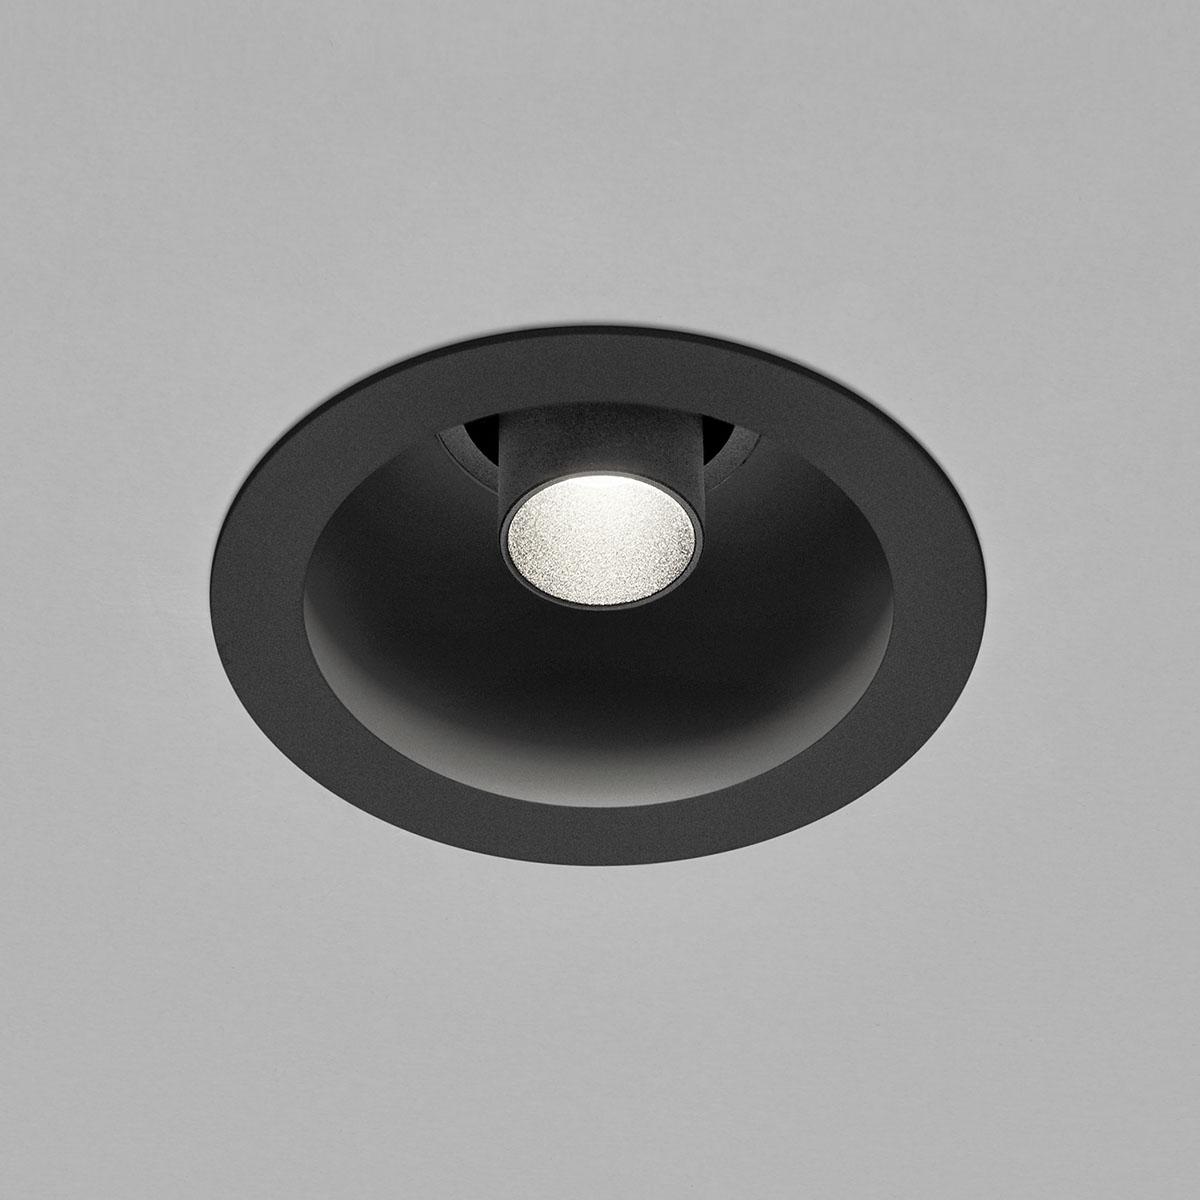 Helestra Run LED Deckeneinbaustrahler, 1-flg. 15/2070.22-22